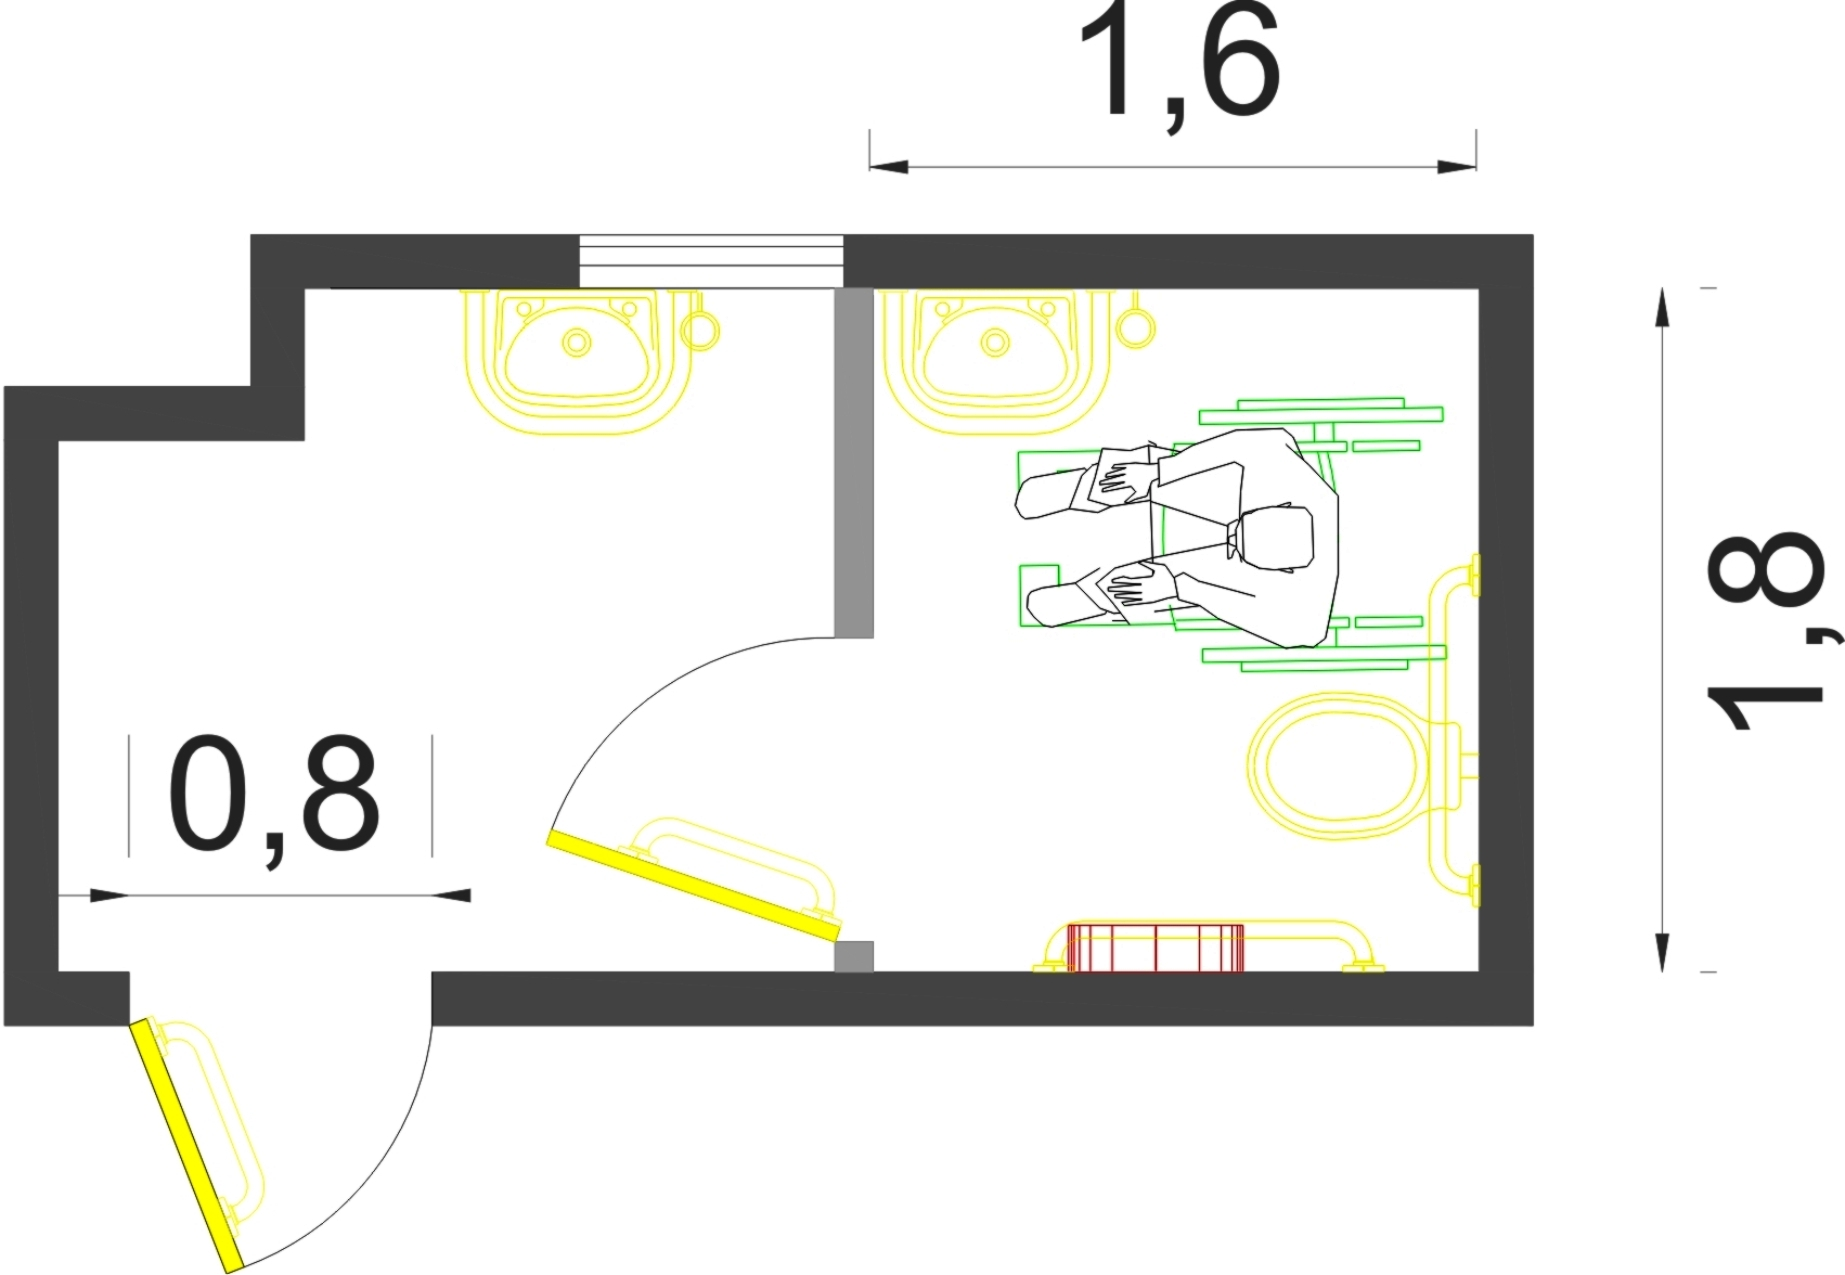 Imagens de #BFBF0C Proposta para um Sanitário ser Acessível Arquitetura Acessível 1845x1275 px 3336 Blocos Autocad Banheiro Para Deficientes